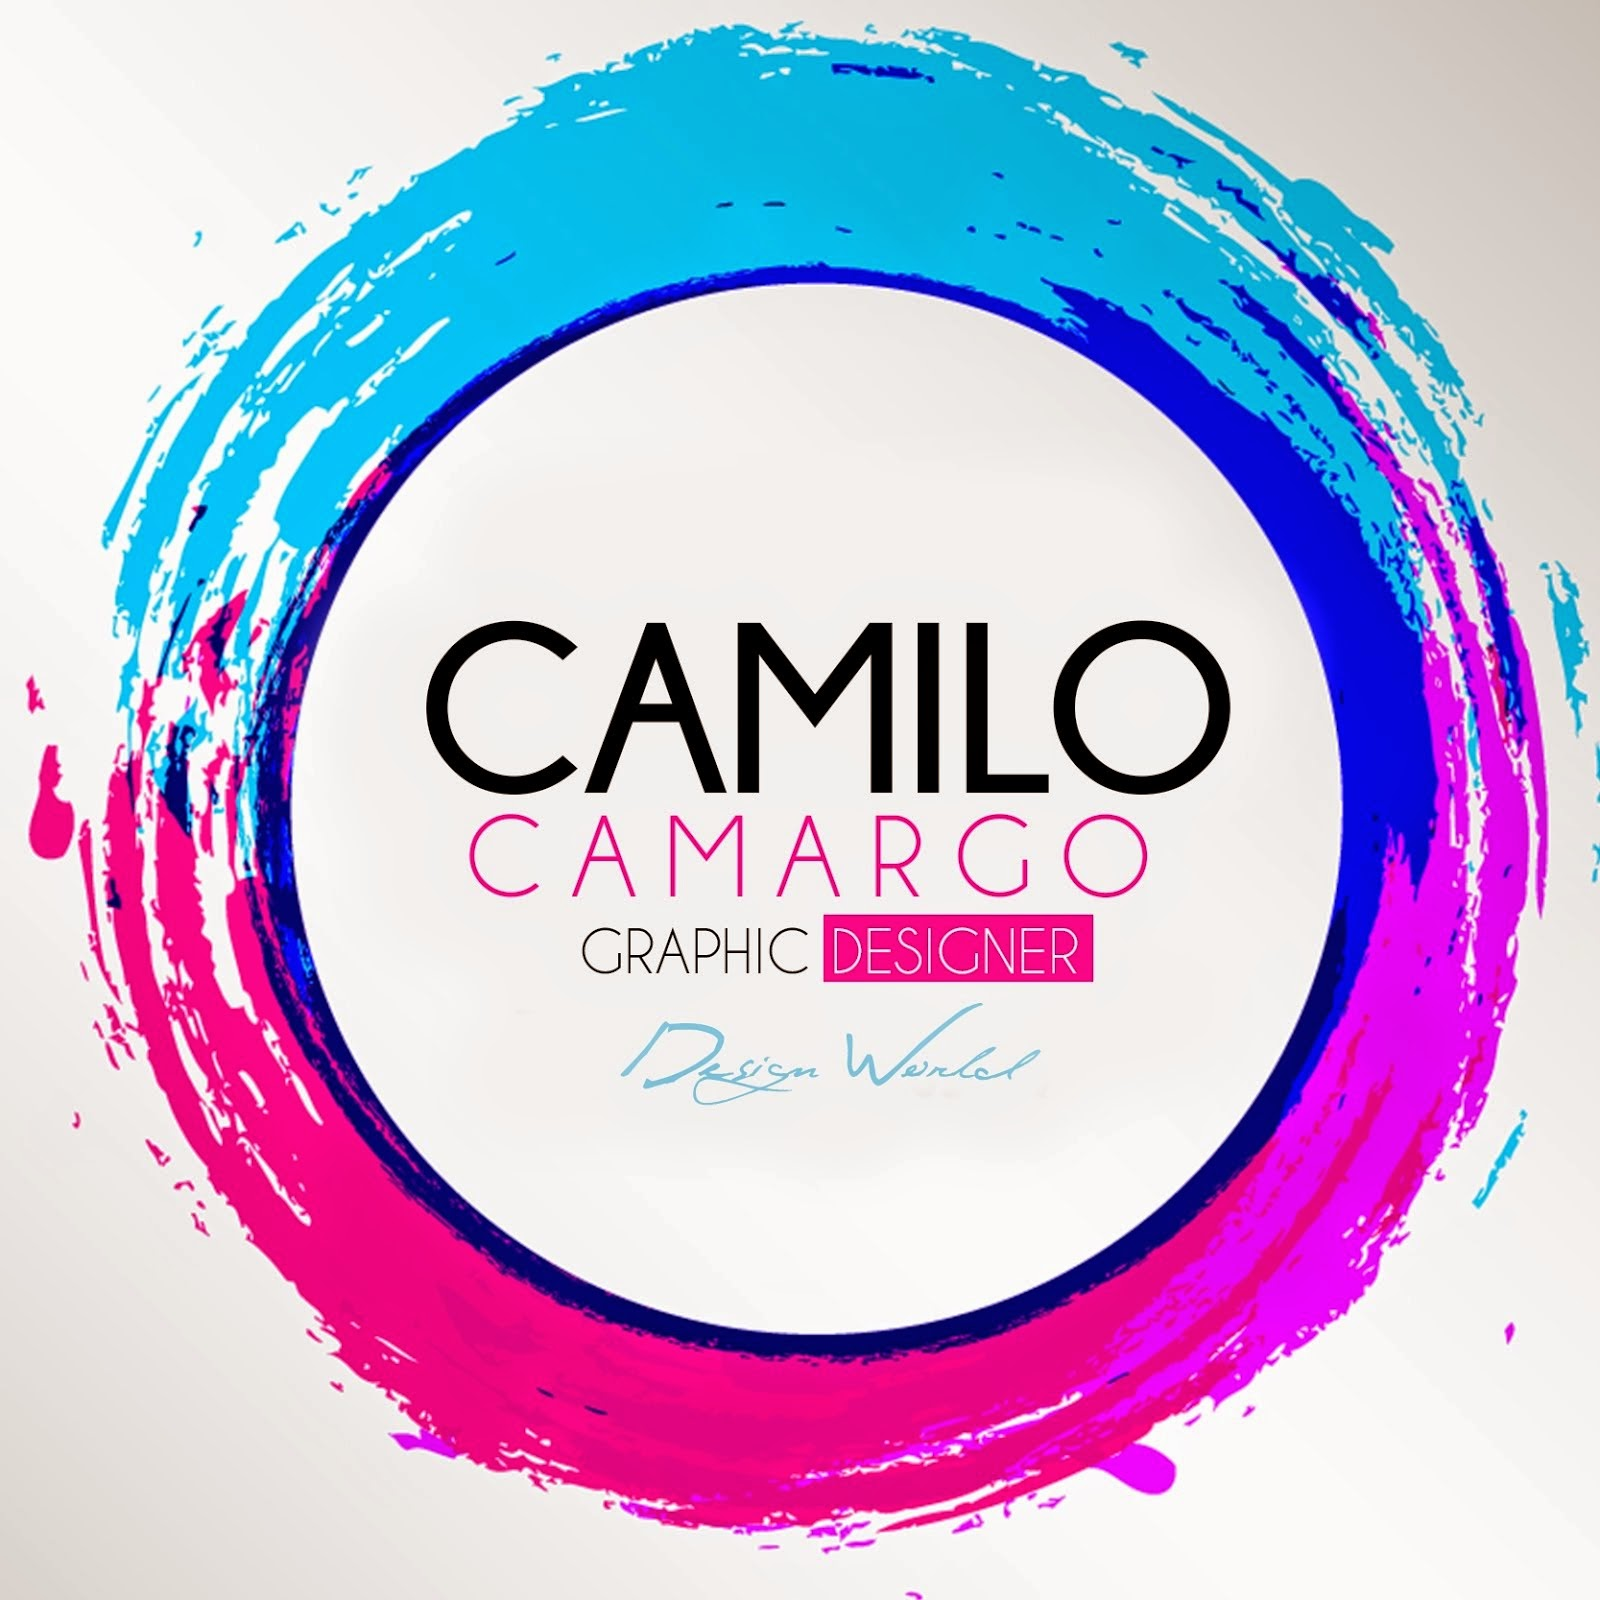 CAMILO CAMARGO